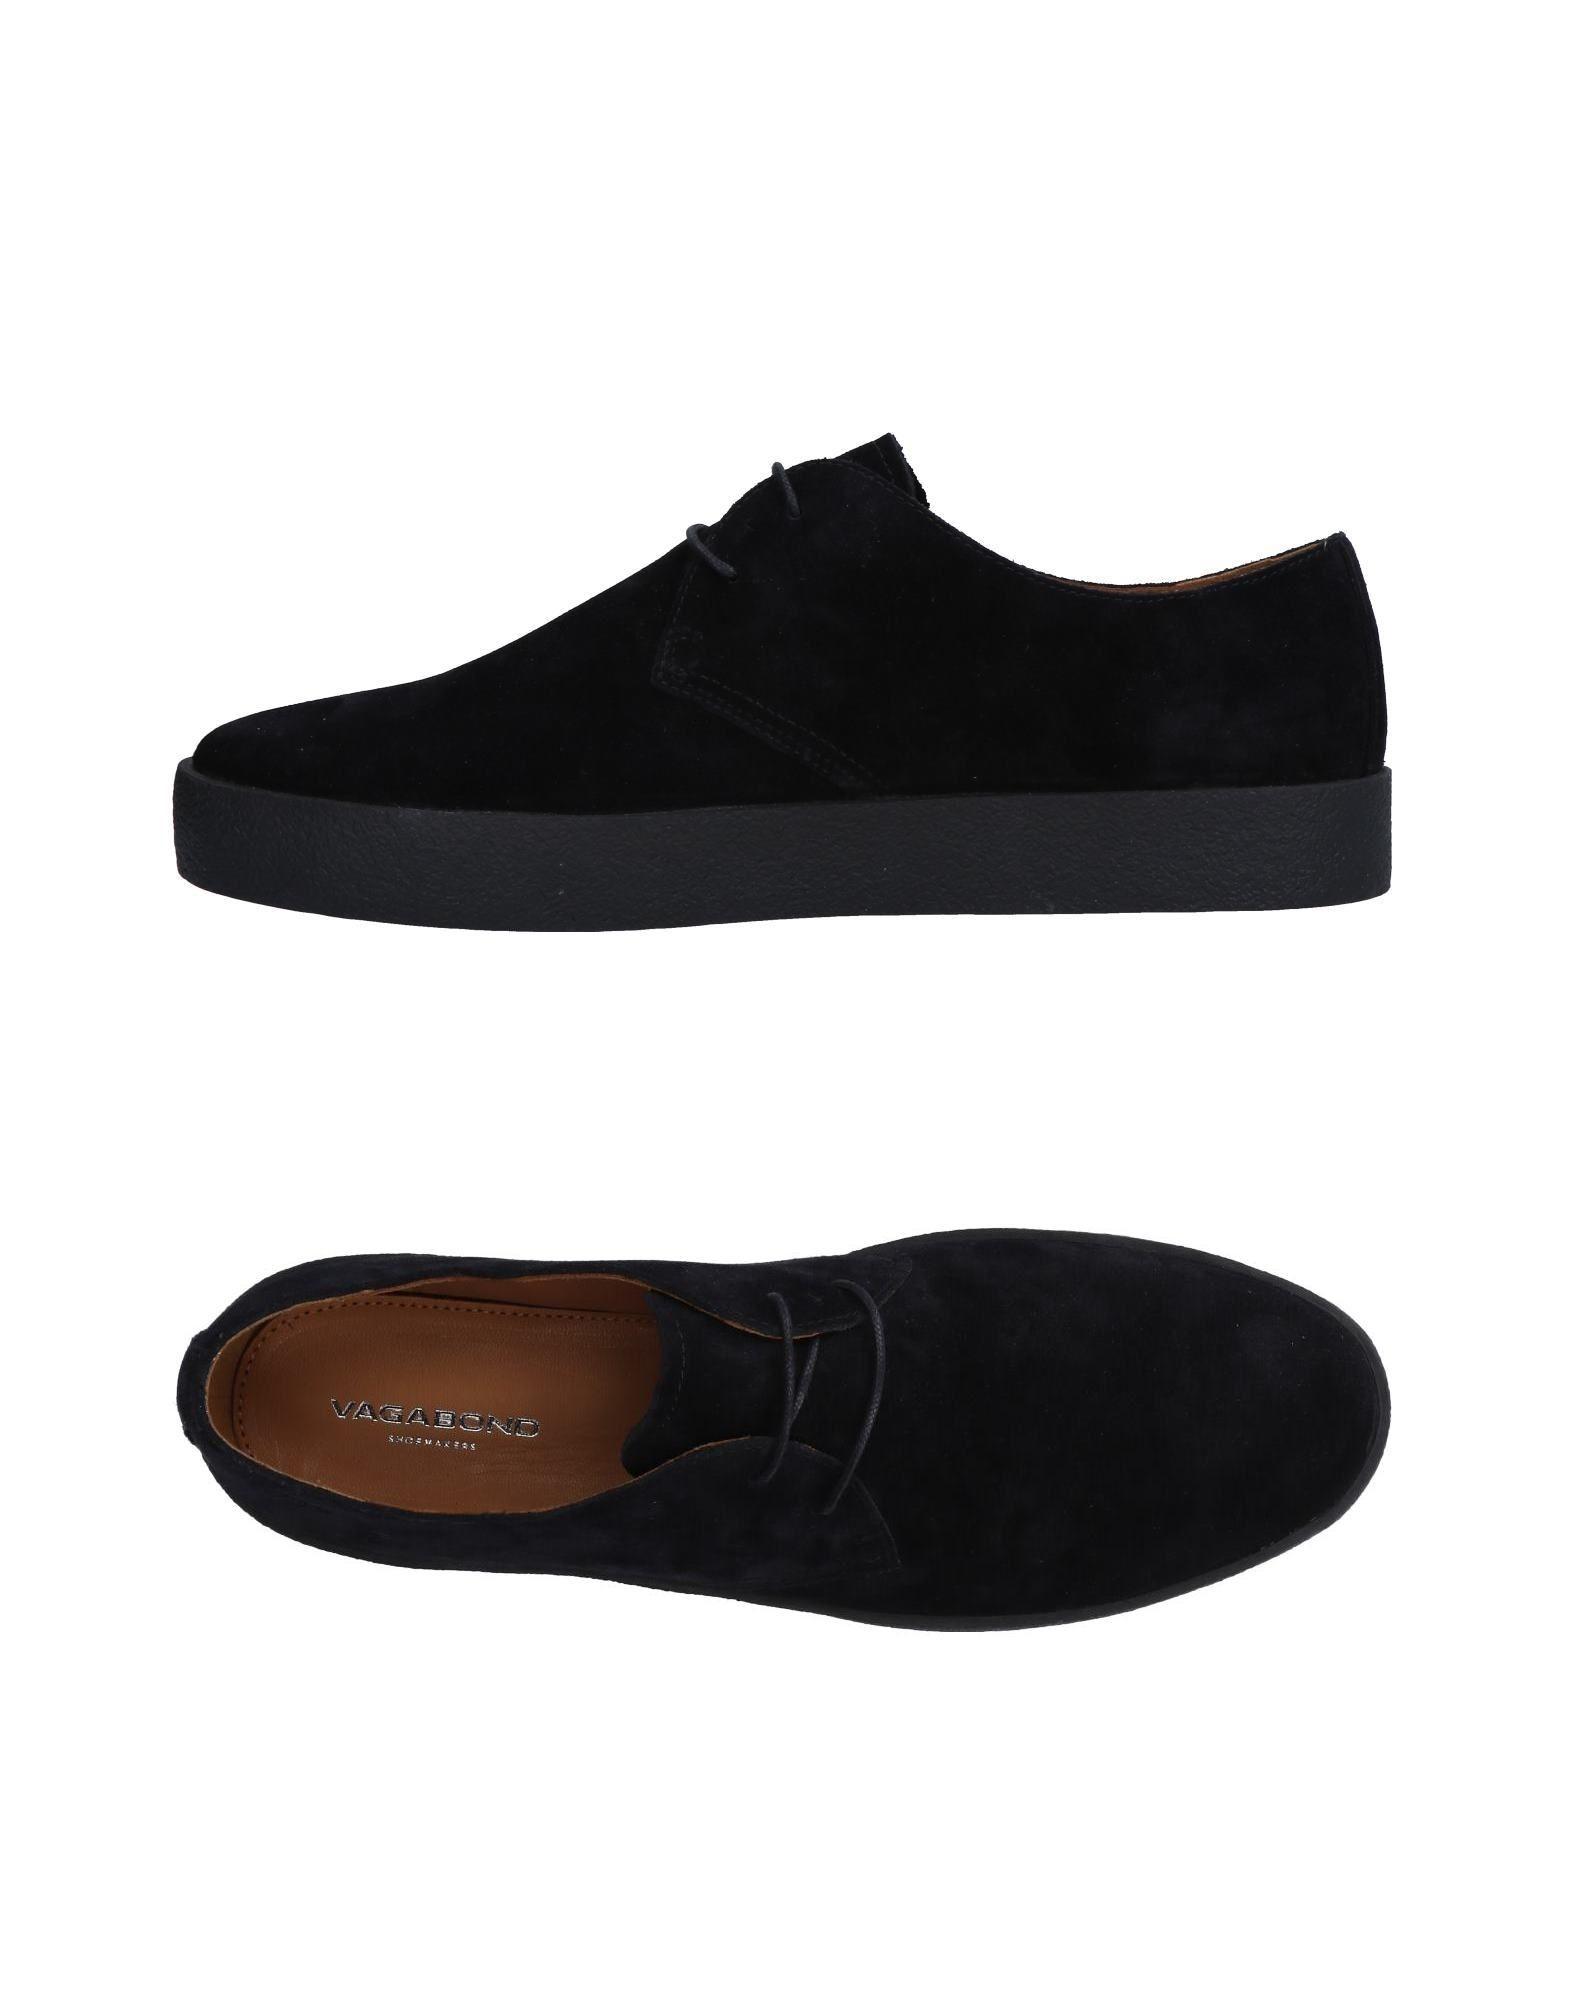 Vagabond Shoemakers Schnürschuhe Herren  11512982SX Gute Qualität beliebte Schuhe